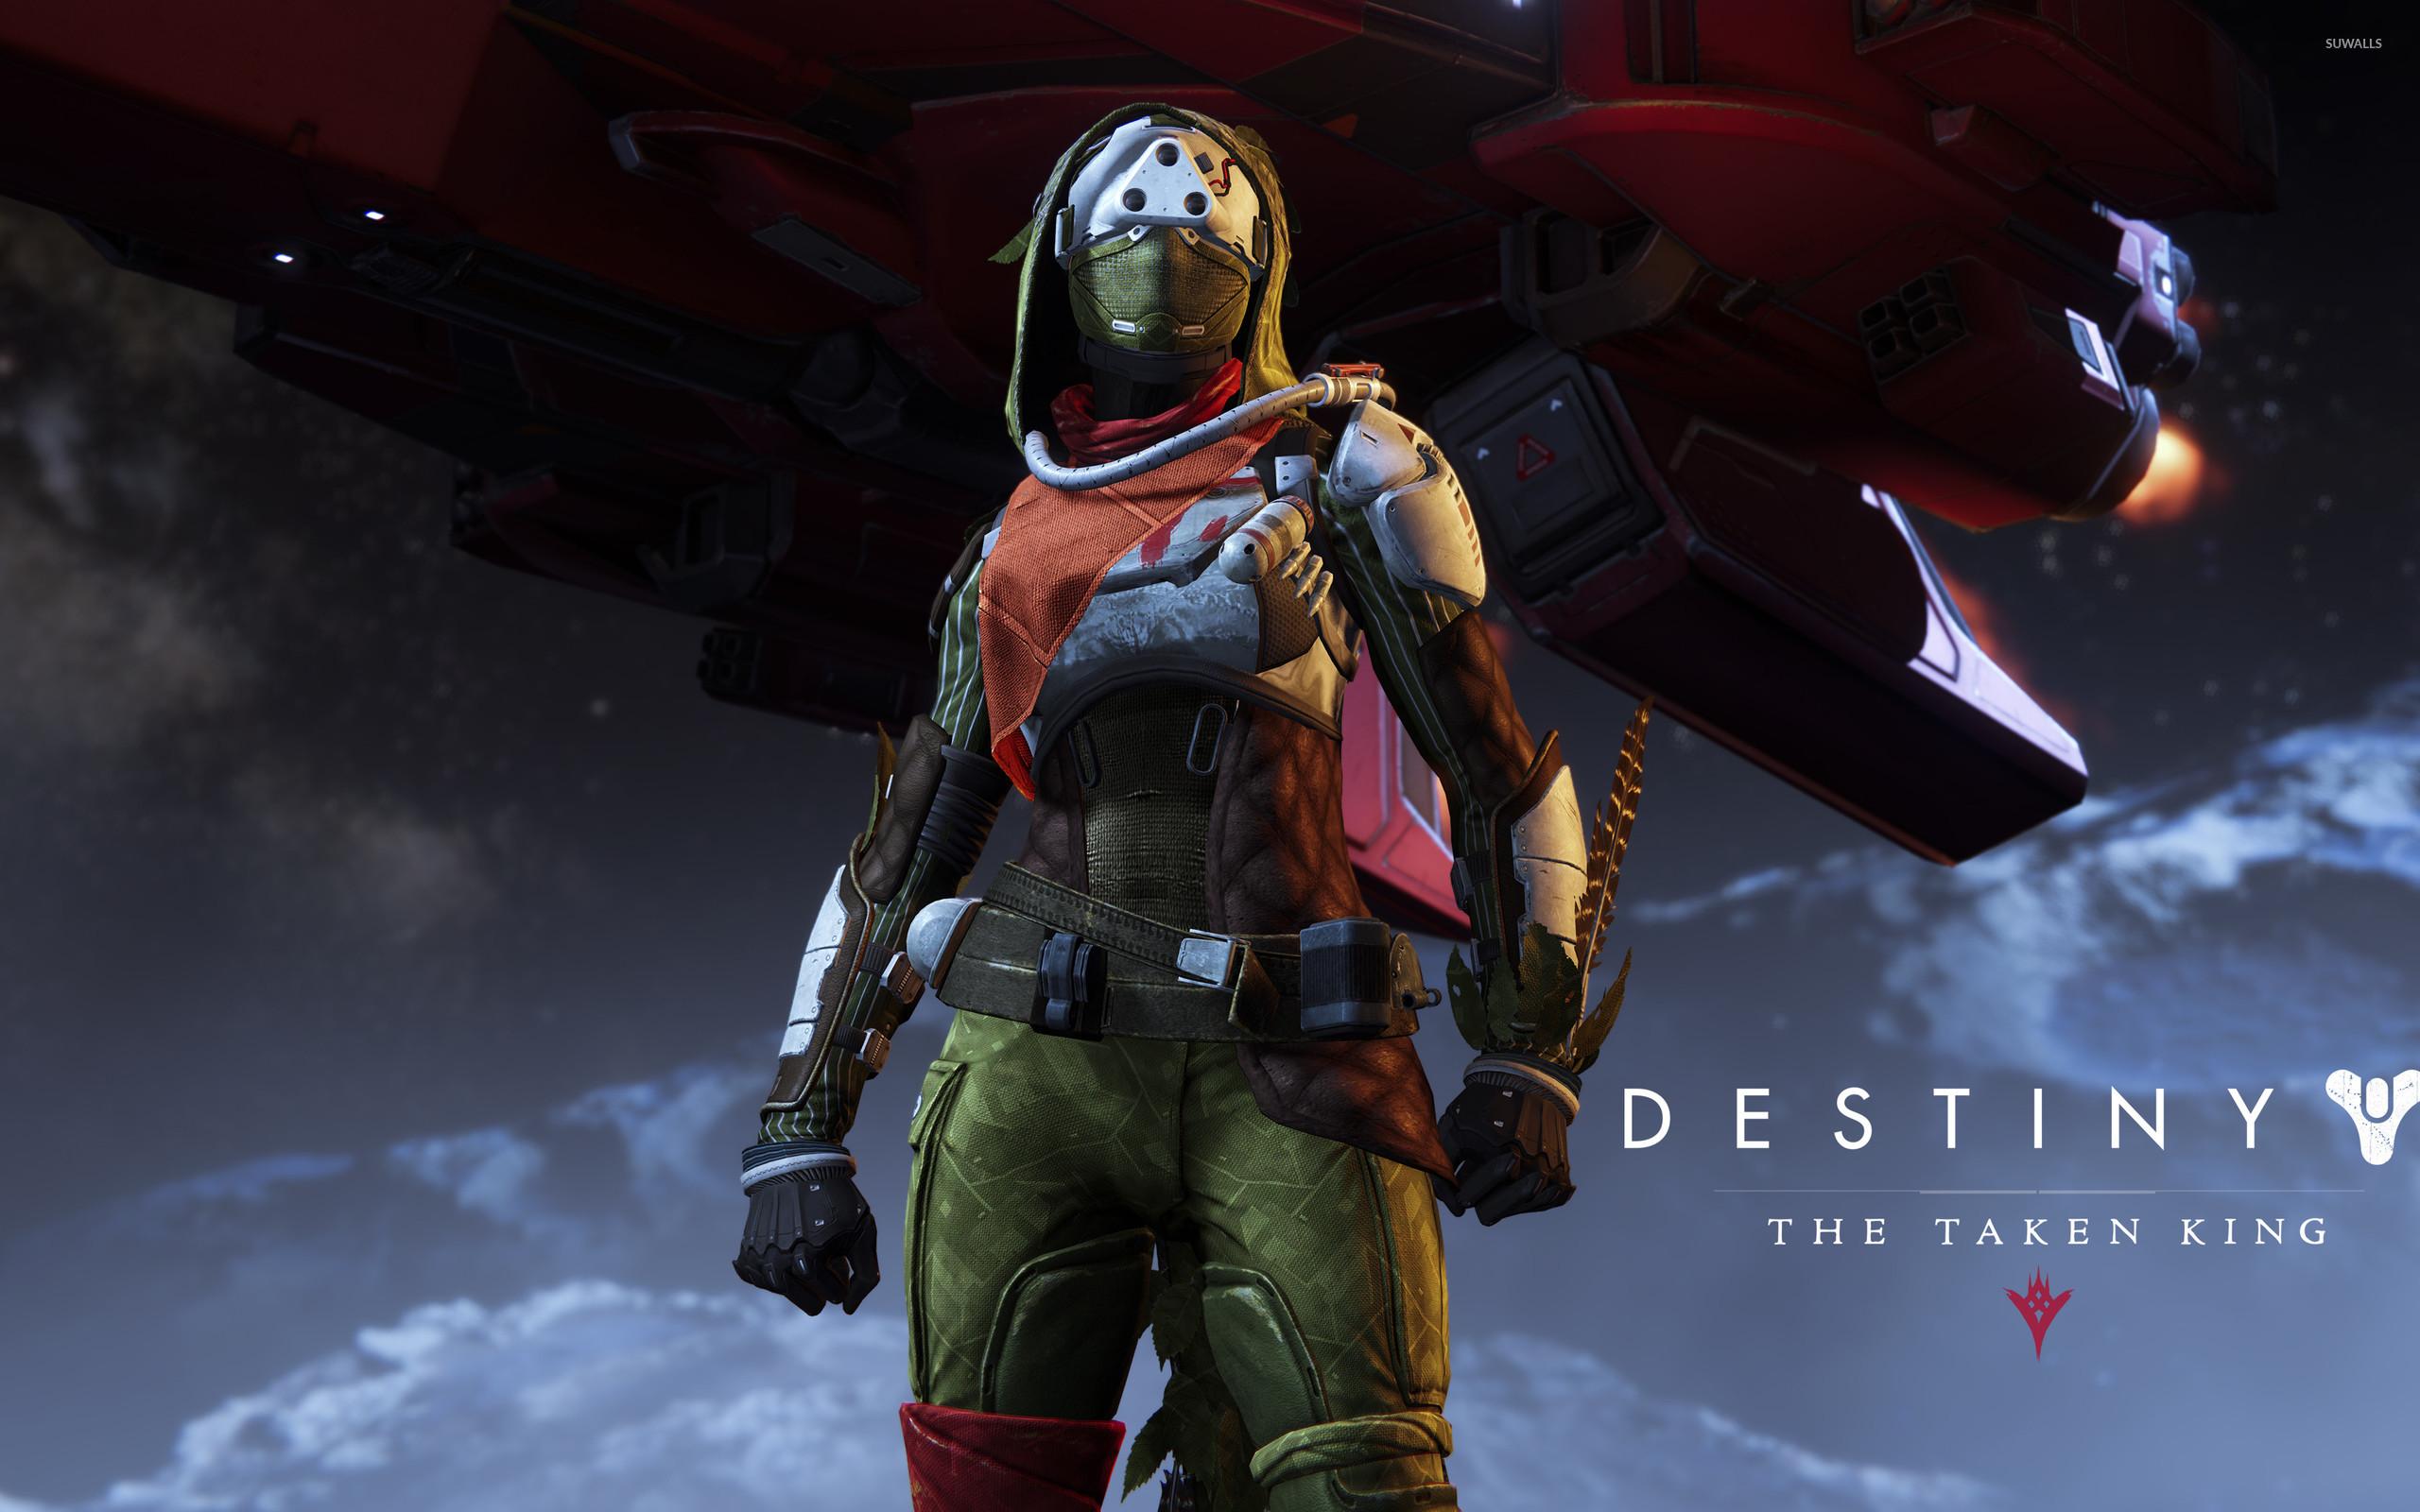 Hunter female – Destiny: The Taken King wallpaper – Game wallpapers .